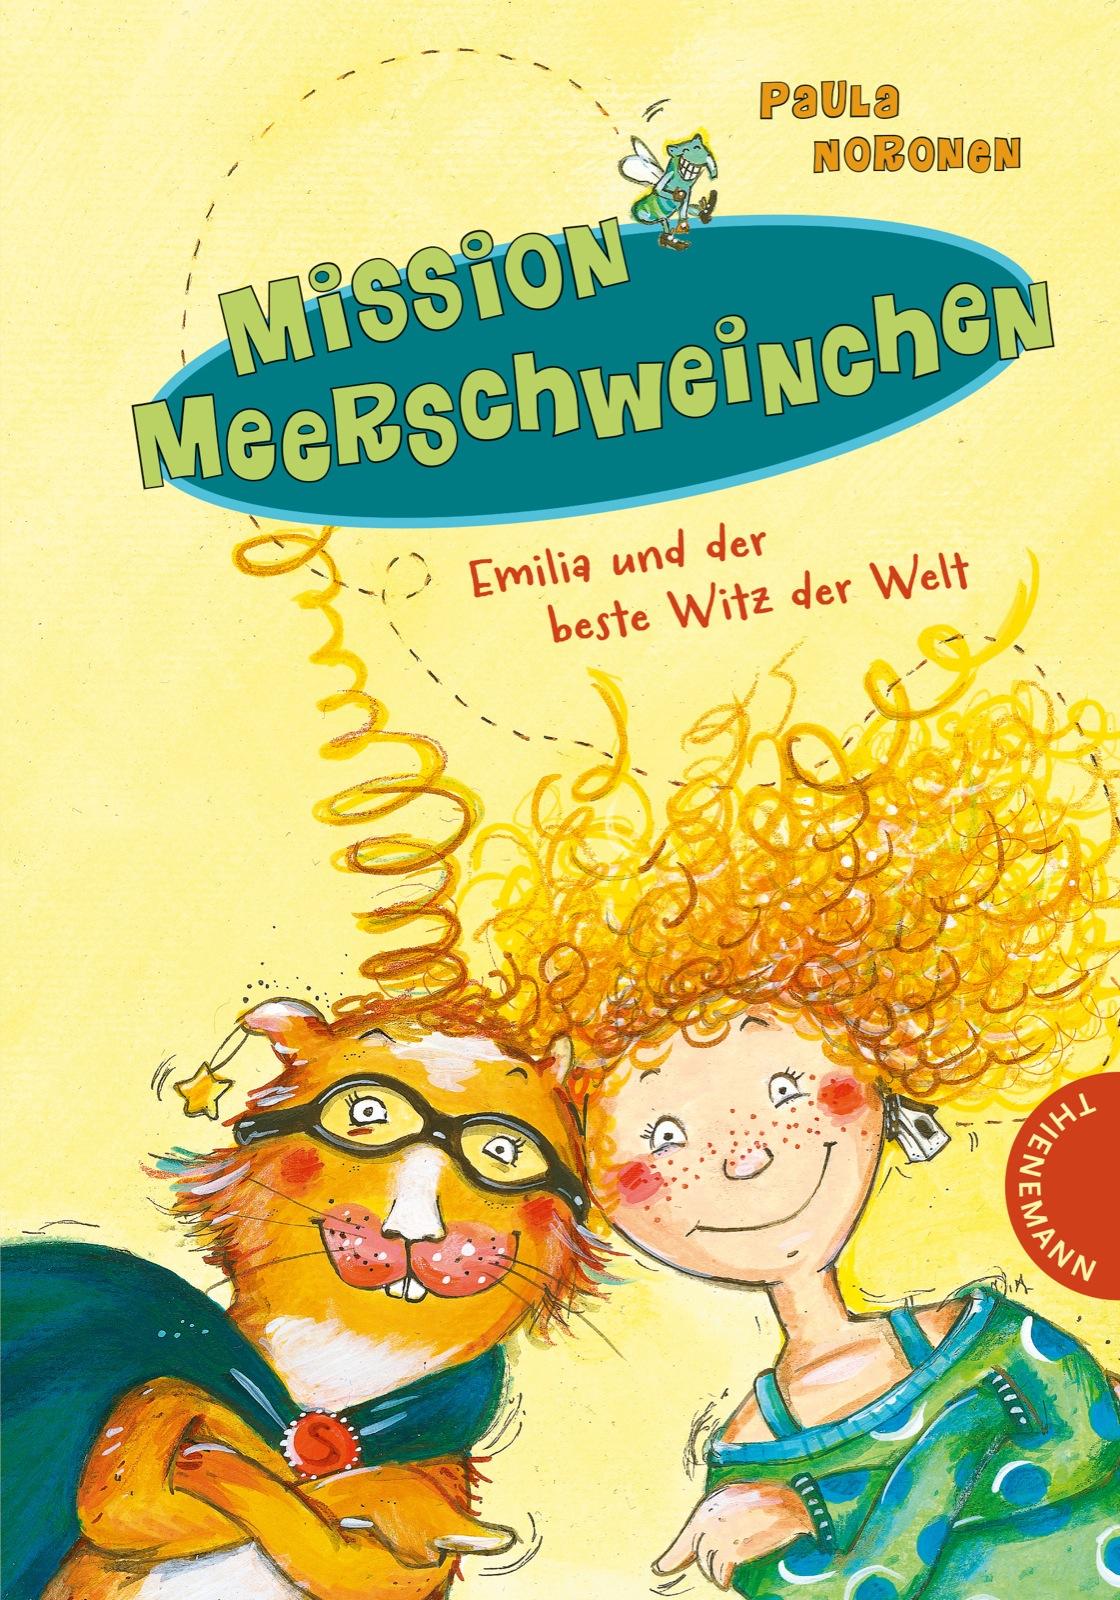 Mission Meerschweinchen: Emilia und der beste W...